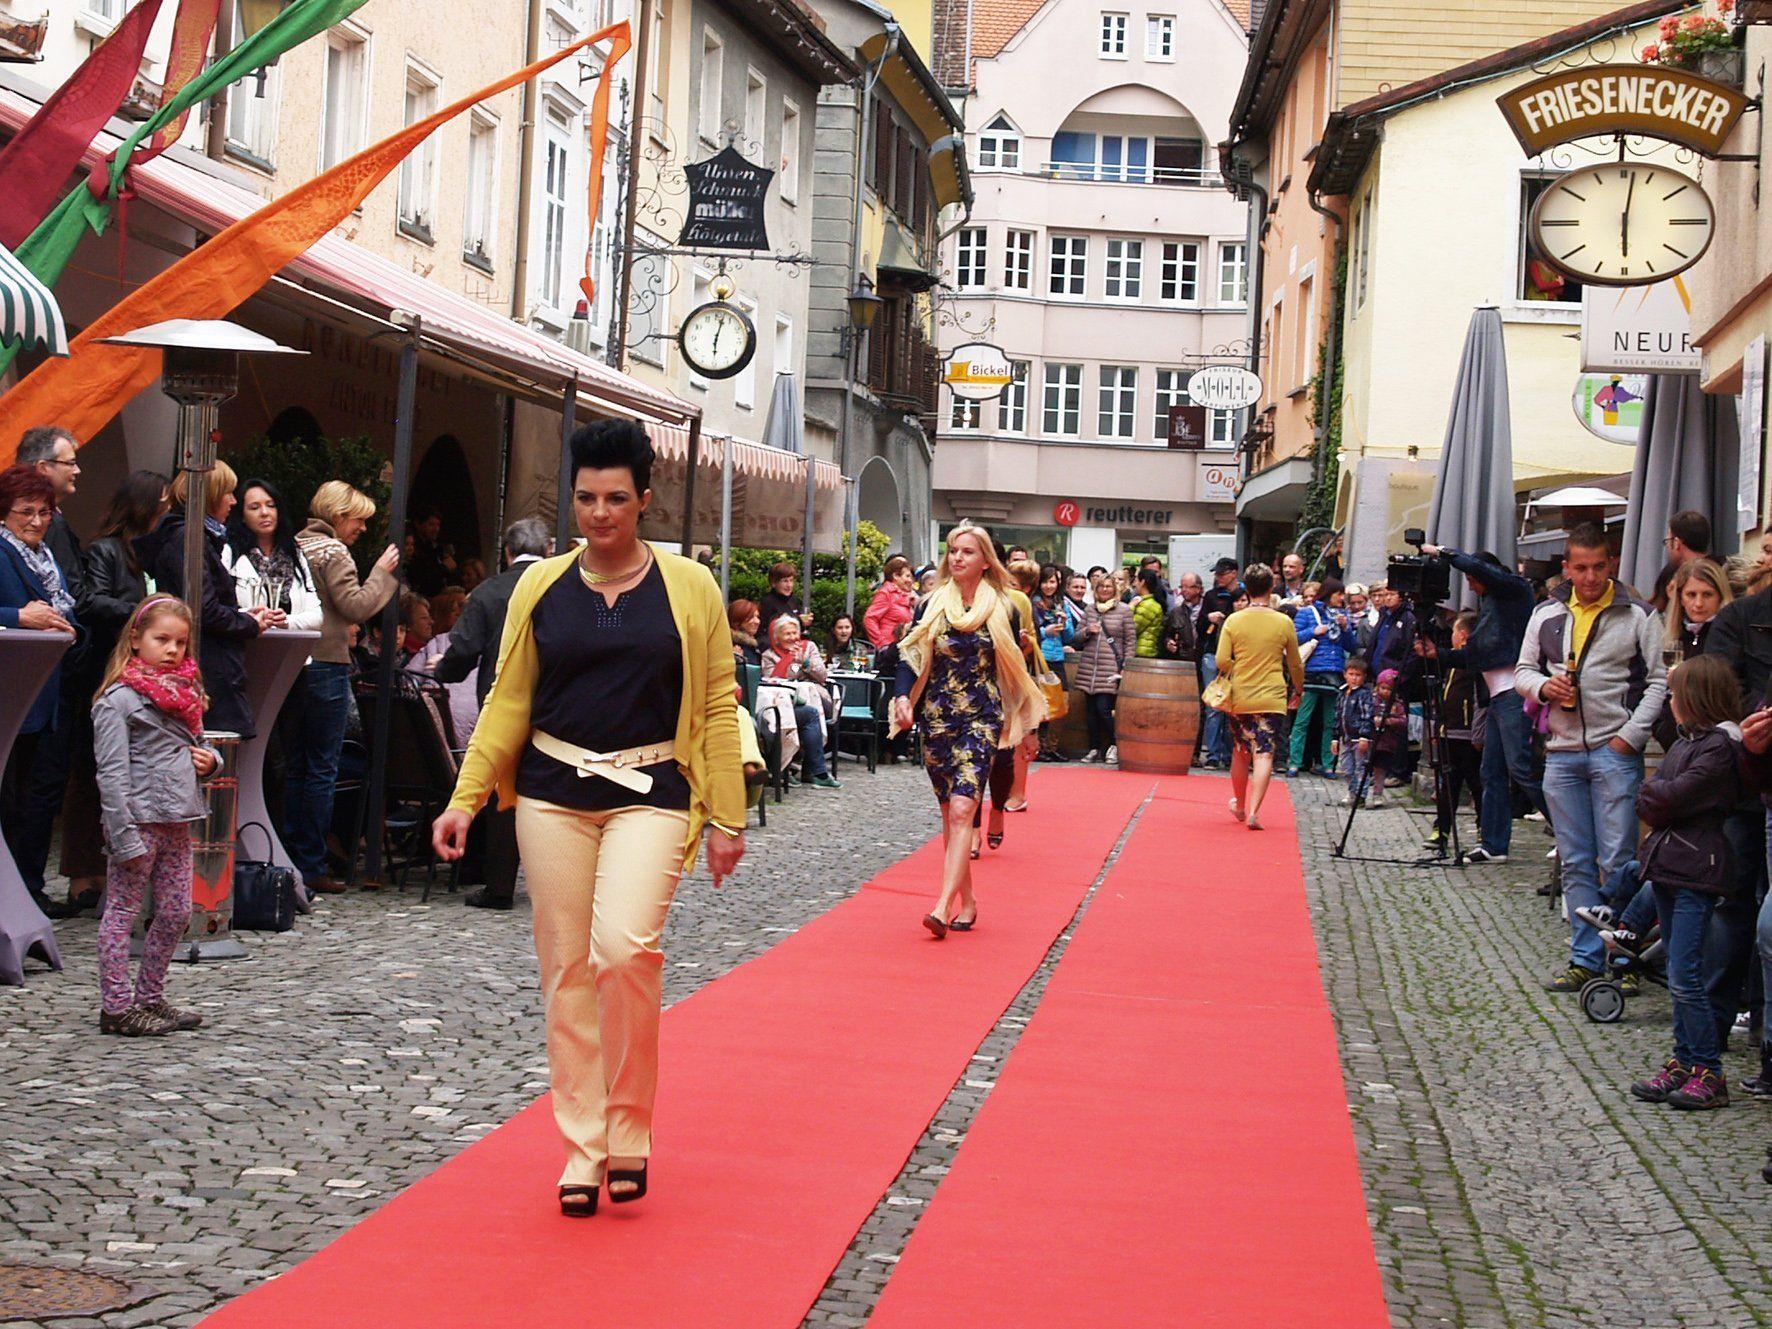 Die Mühlgasse präsentiert sich am Freitag, 29. Mai, im neuen Kleid.